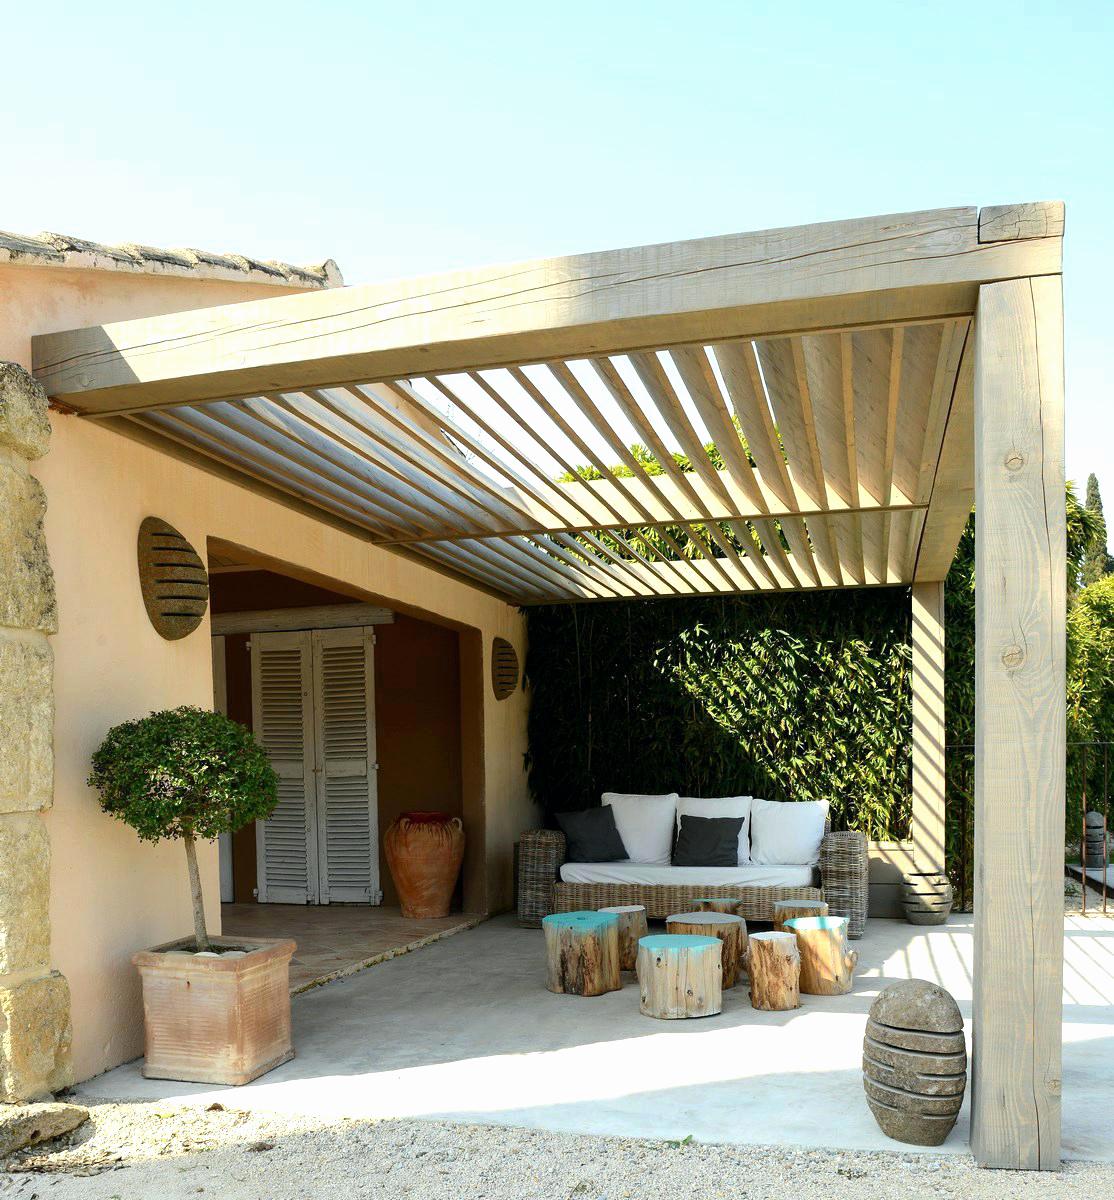 leroy merlin brise vue bois impressionnant images bois. Black Bedroom Furniture Sets. Home Design Ideas